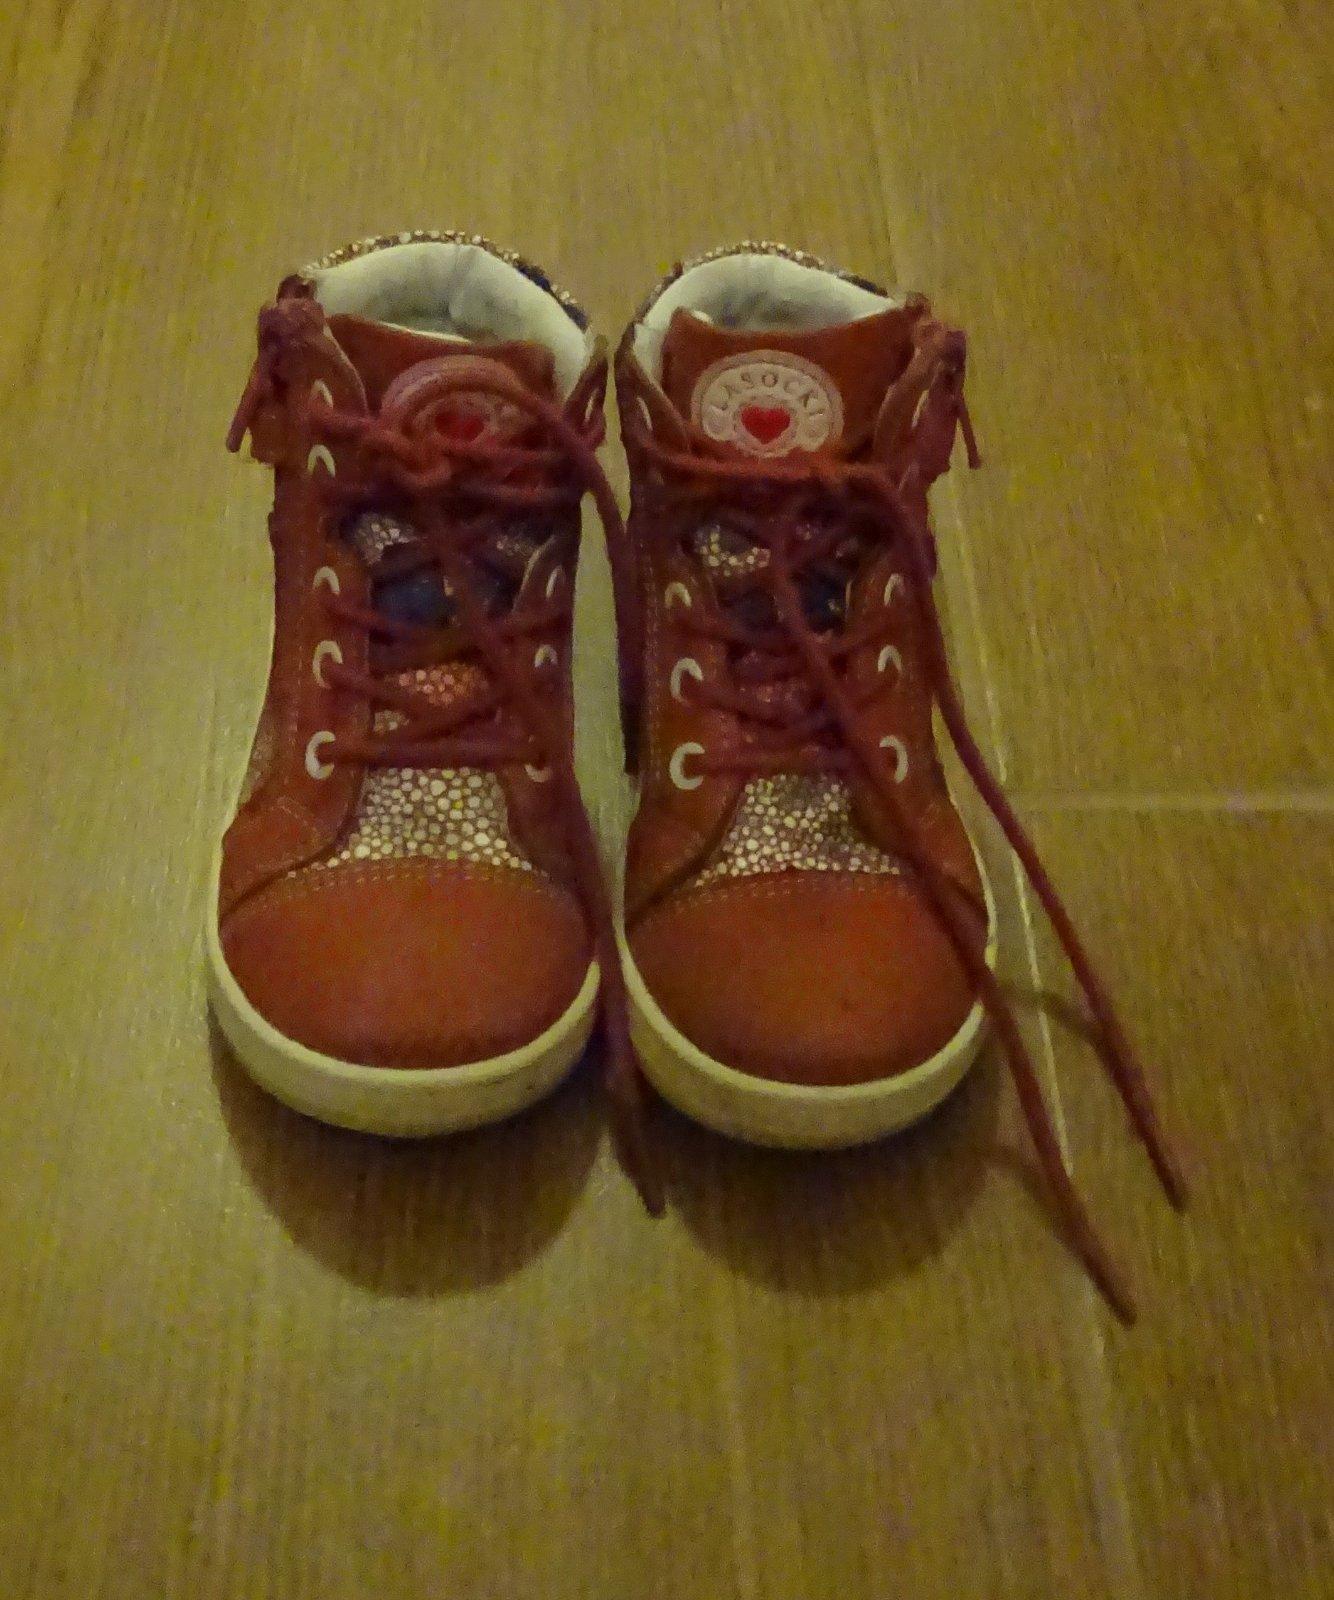 Jarné ružové topánky značky ccc lasocki e4665d739a6